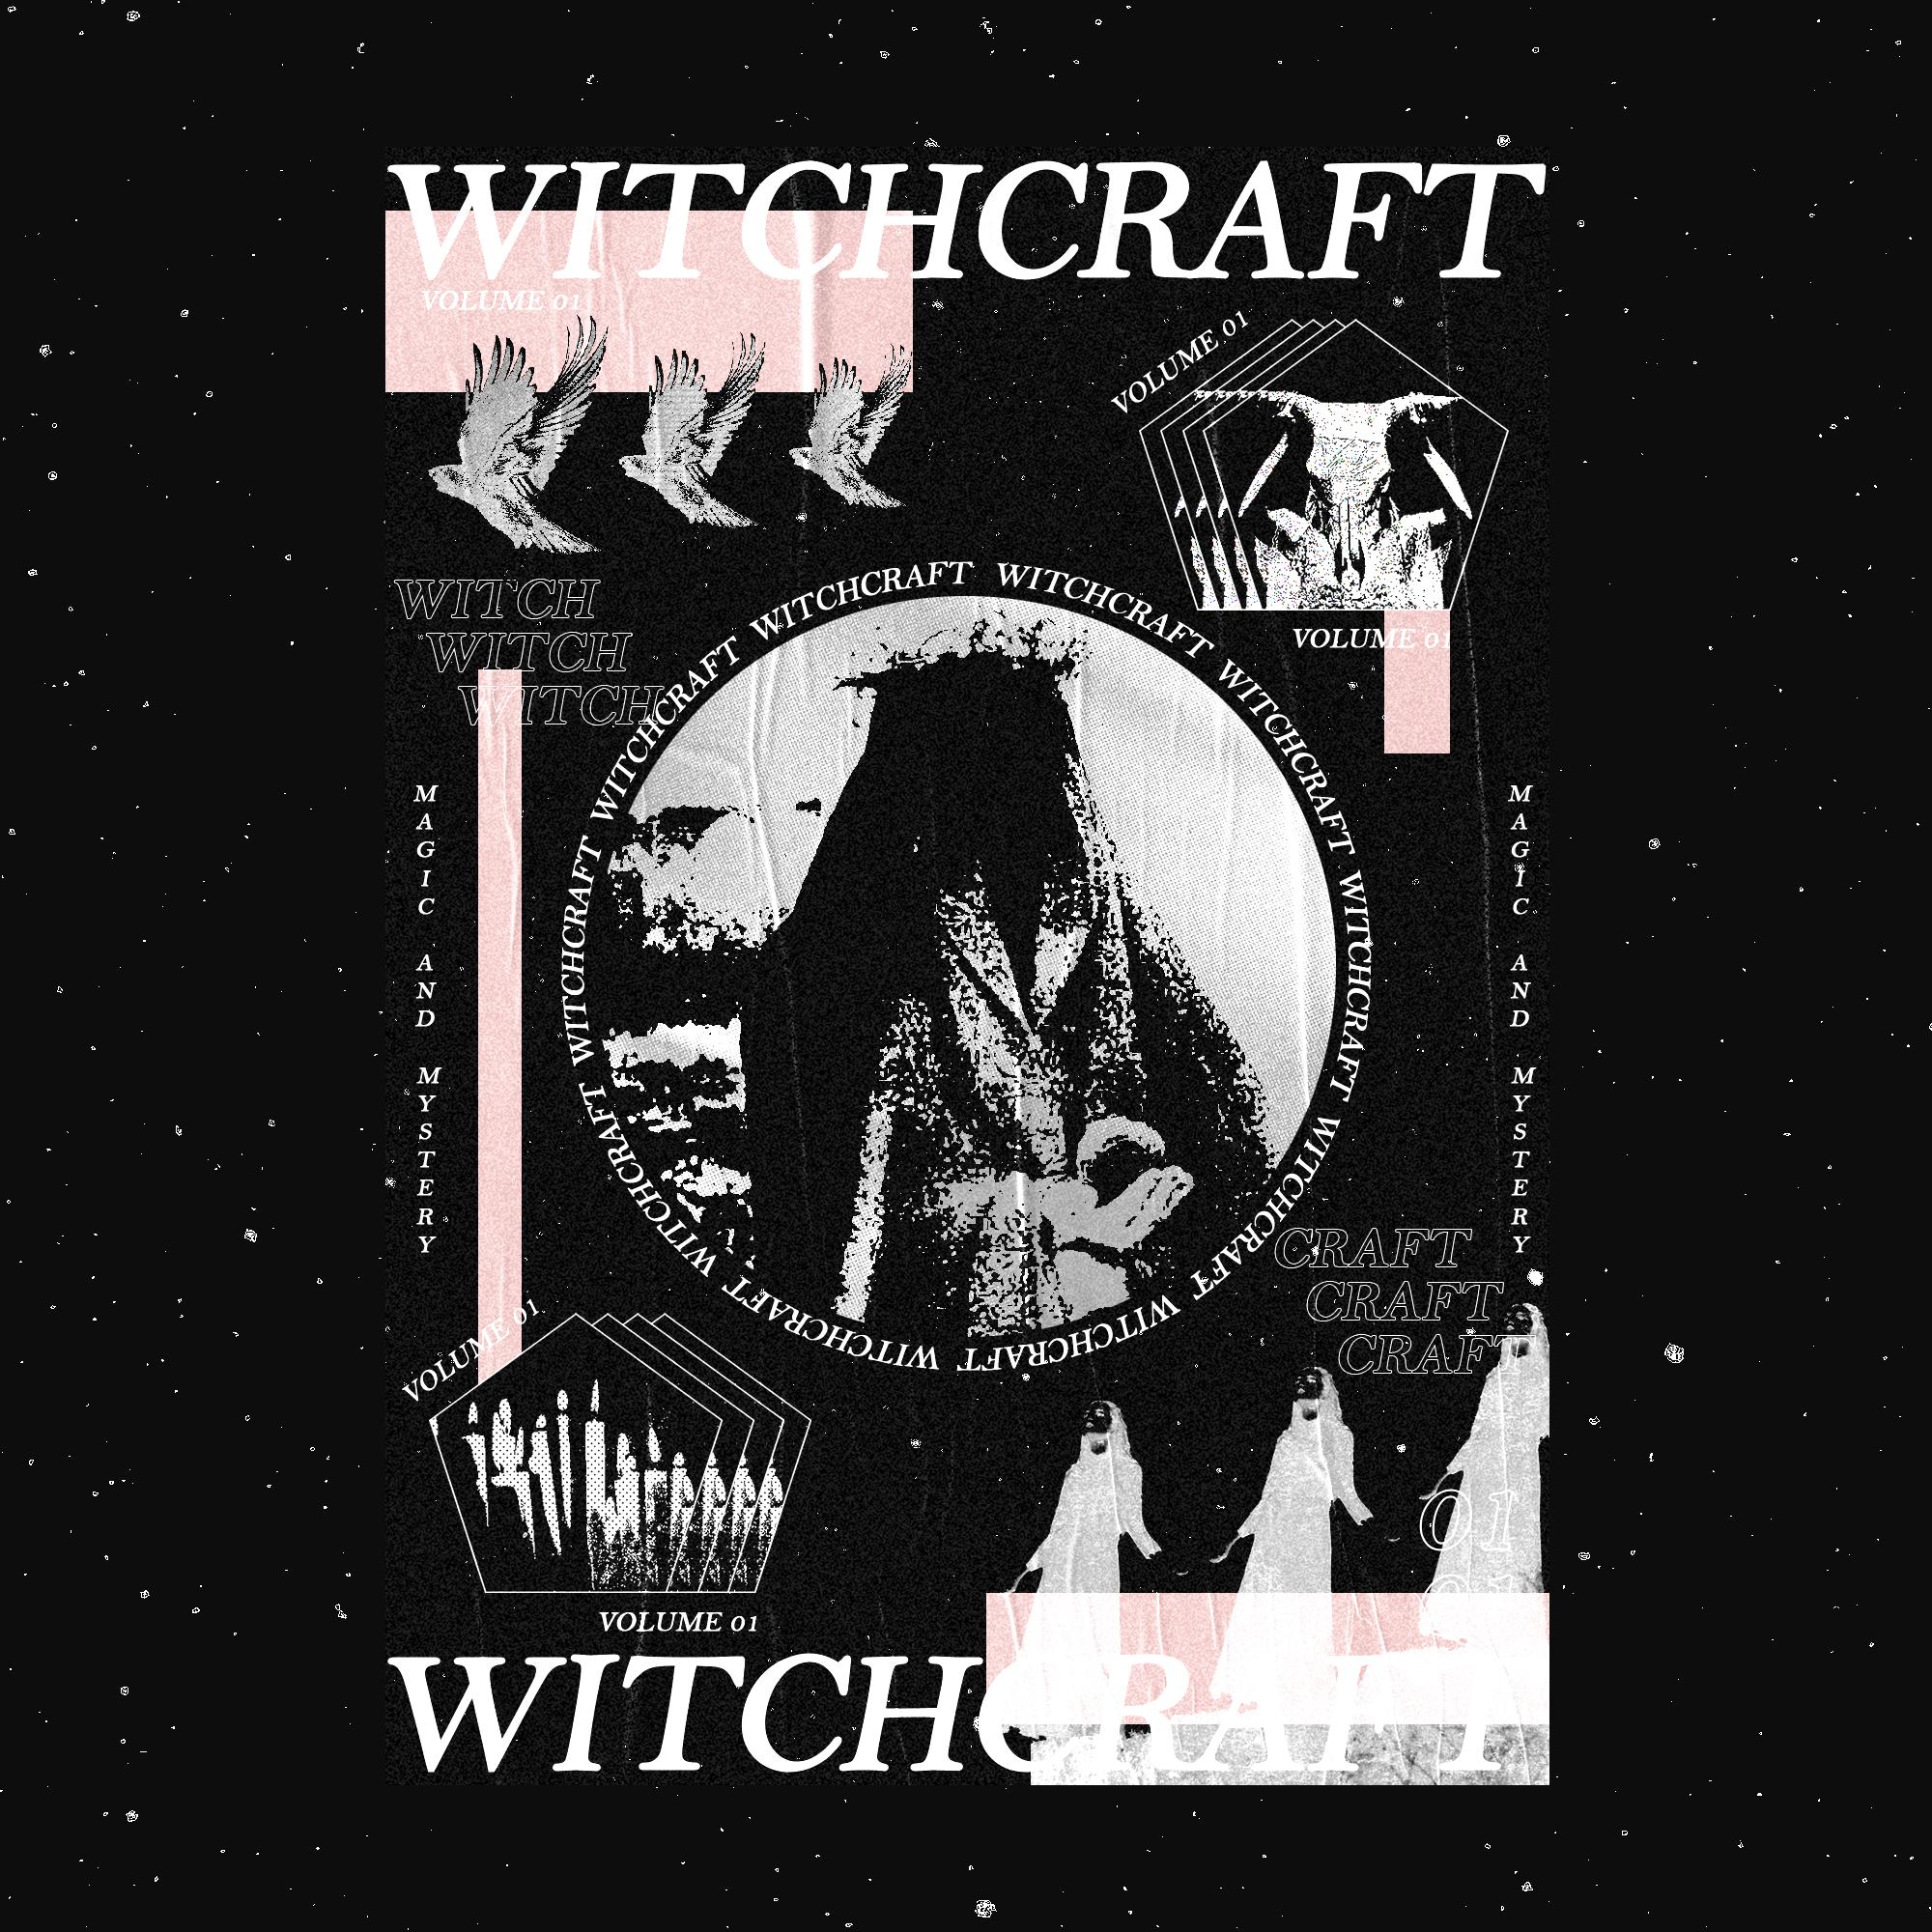 IG_POSTS_WITCHCRAFT_20190204_02.jpg